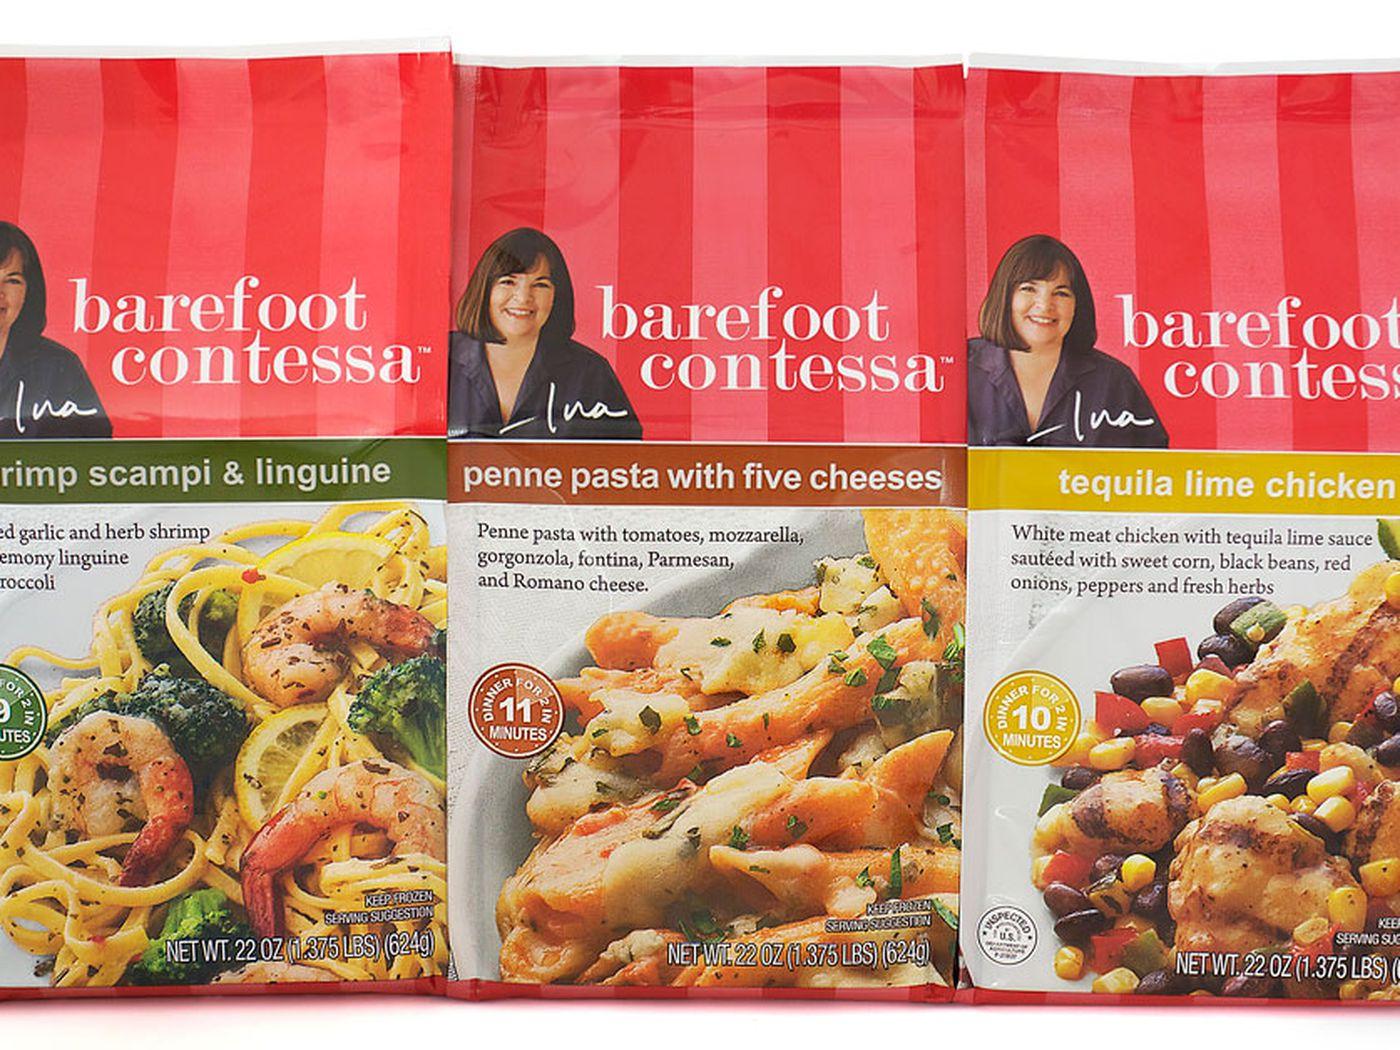 Barefoot Contessa Store behold ina garten's barefoot contessa frozen meals - eater